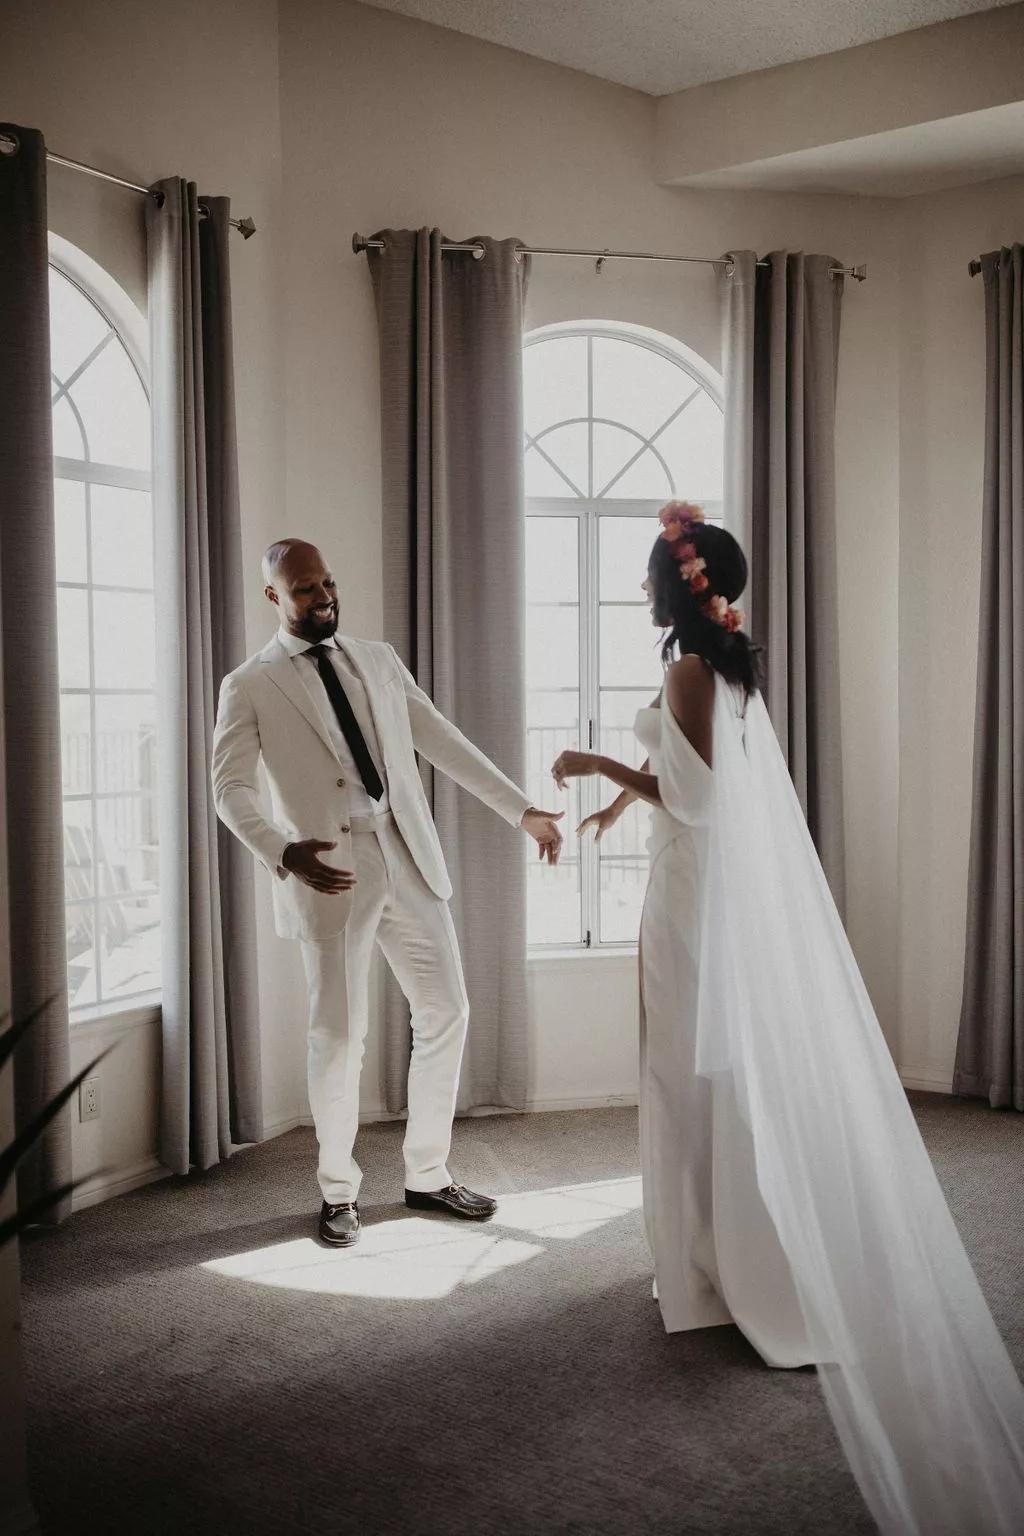 pBPa9InLOsU - Найти свадебного ведущего оказалось проще простого